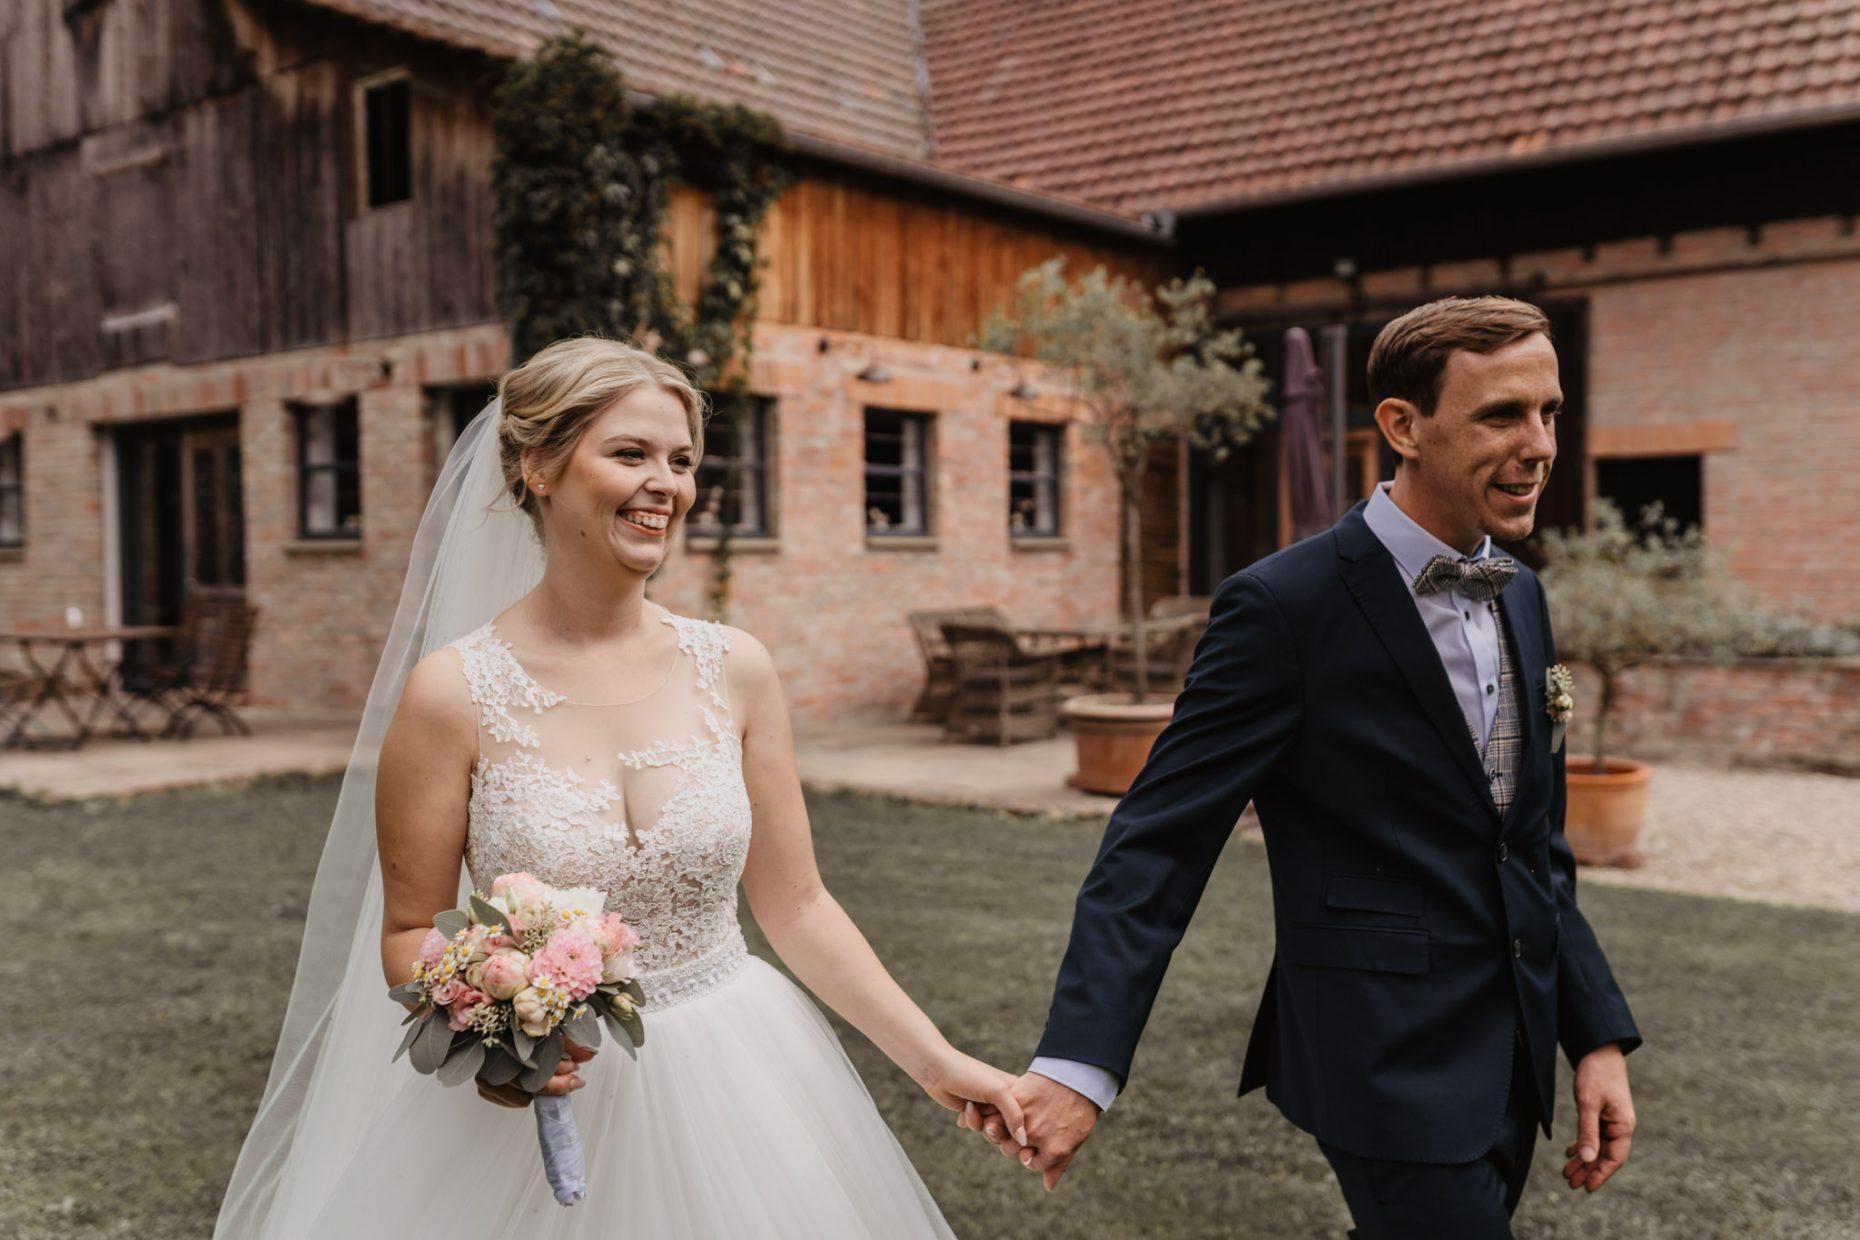 Hochzeitsreportage Heilbronn, natürliche Hochzeitsbilder Heilbronn, Hochzeitsbilder Stuttgart, Hochzeitsfotografin Stuttgart